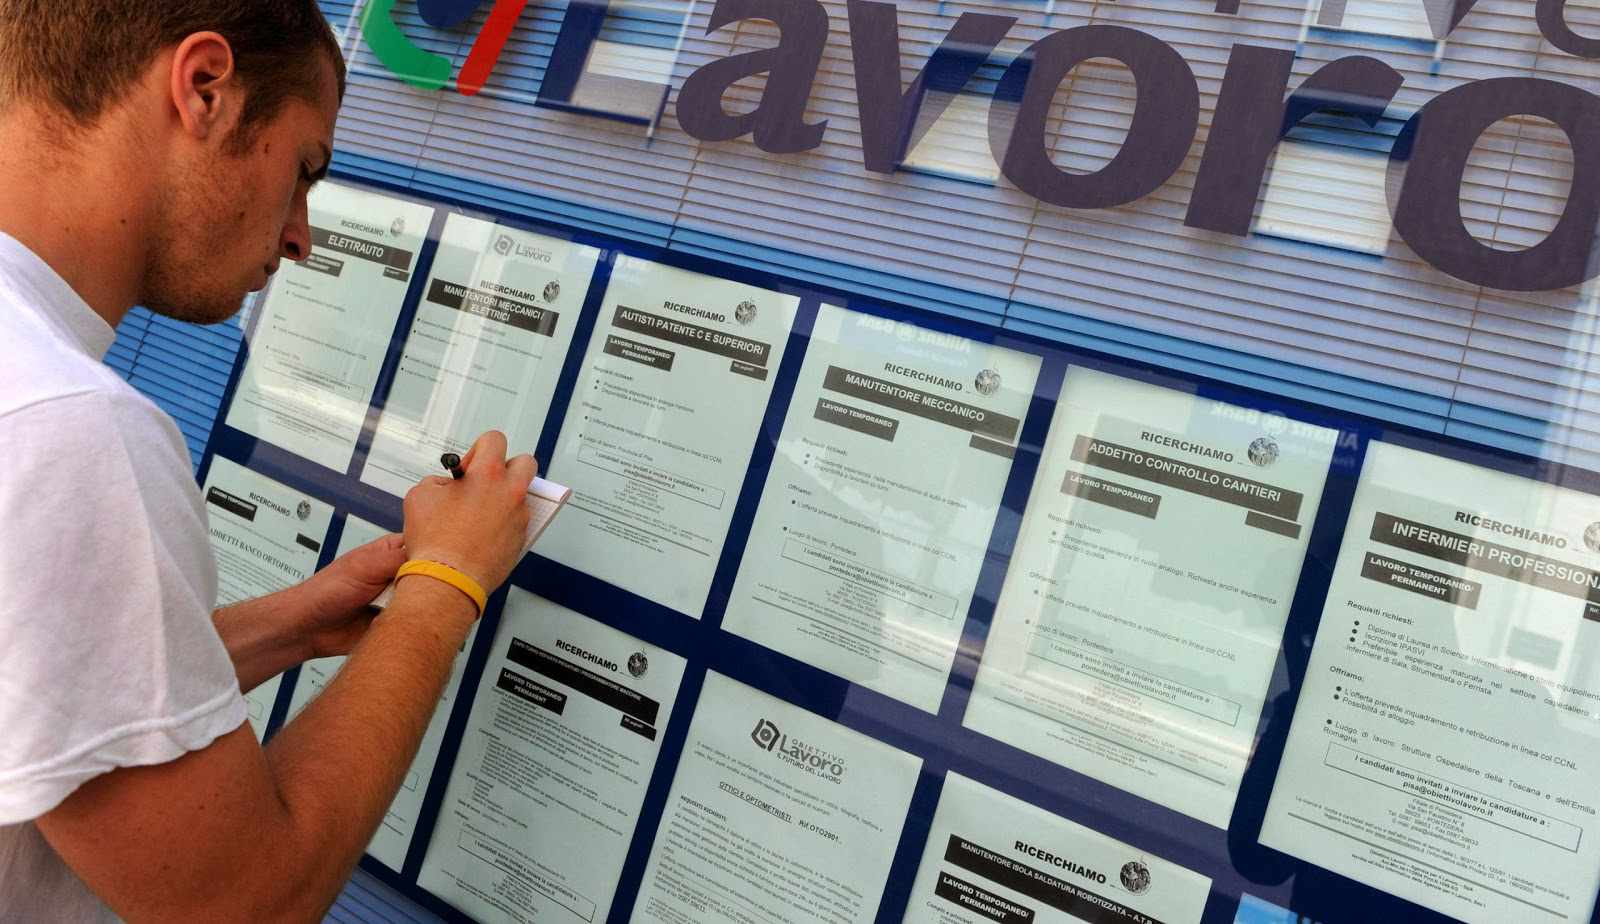 Lavoro dati Lombardia